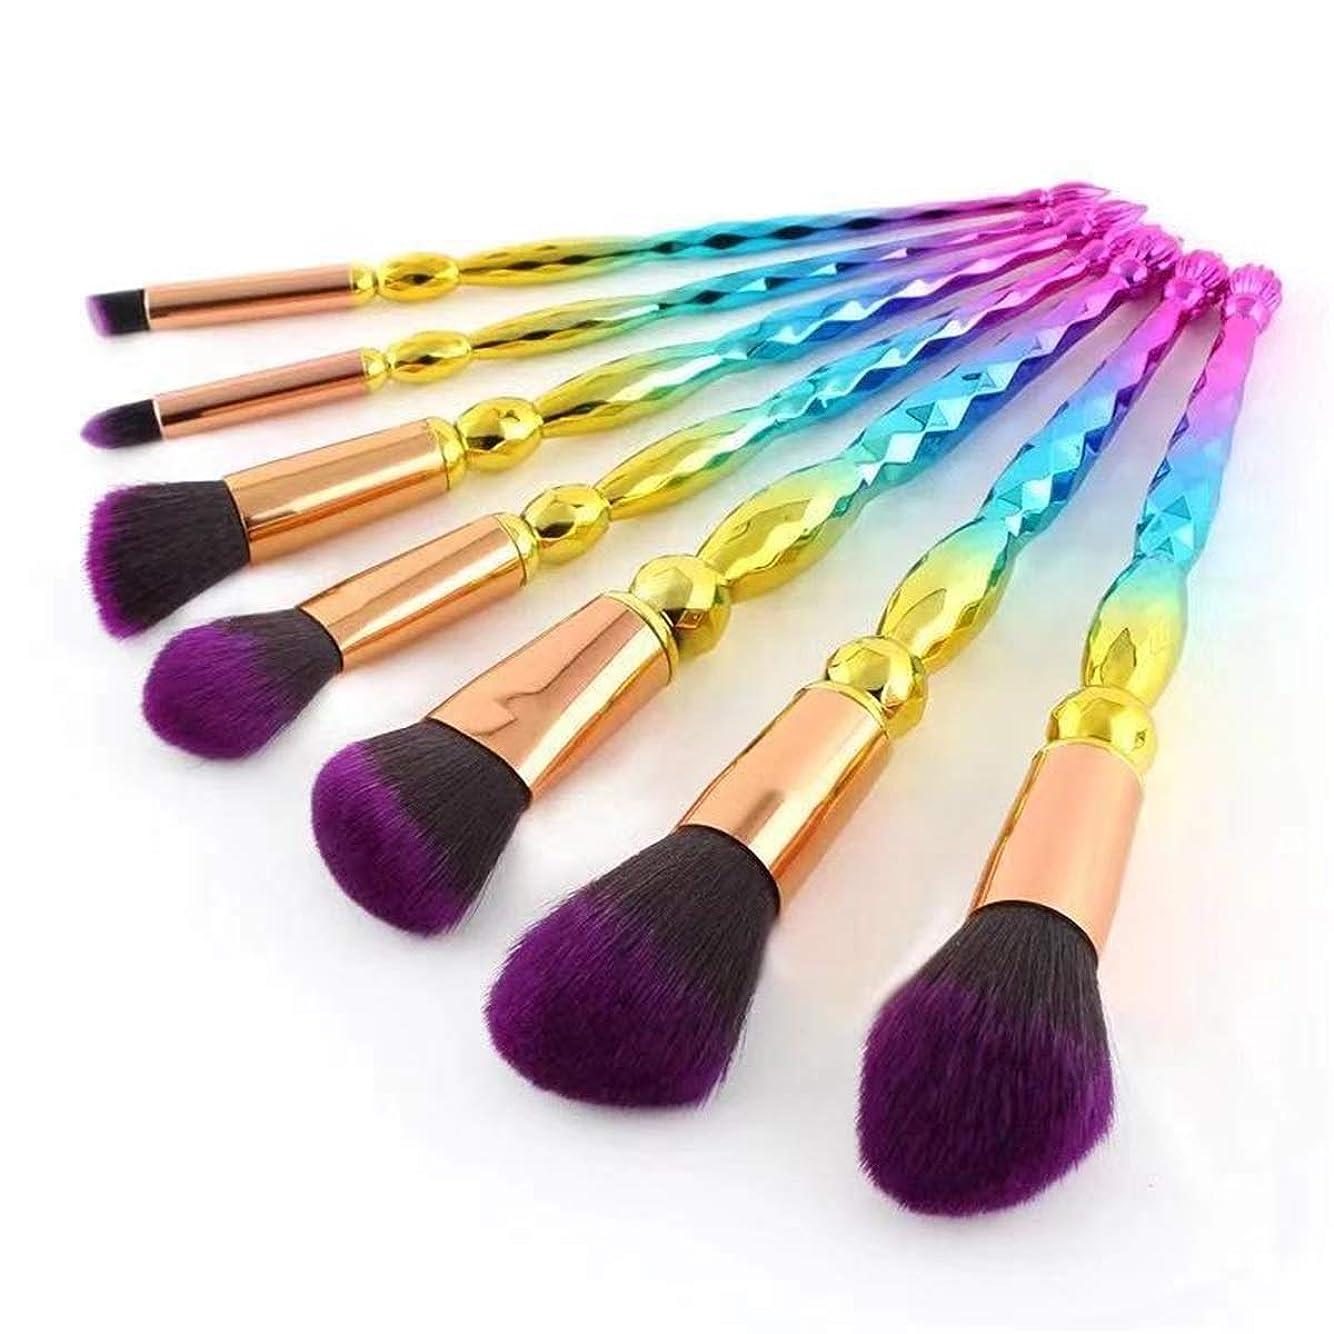 少数エール山メイクアップ 新しい7ピーススパイラルハンドル化粧ブラシグラデーションカラーリングブラシコンシーラー化粧キット